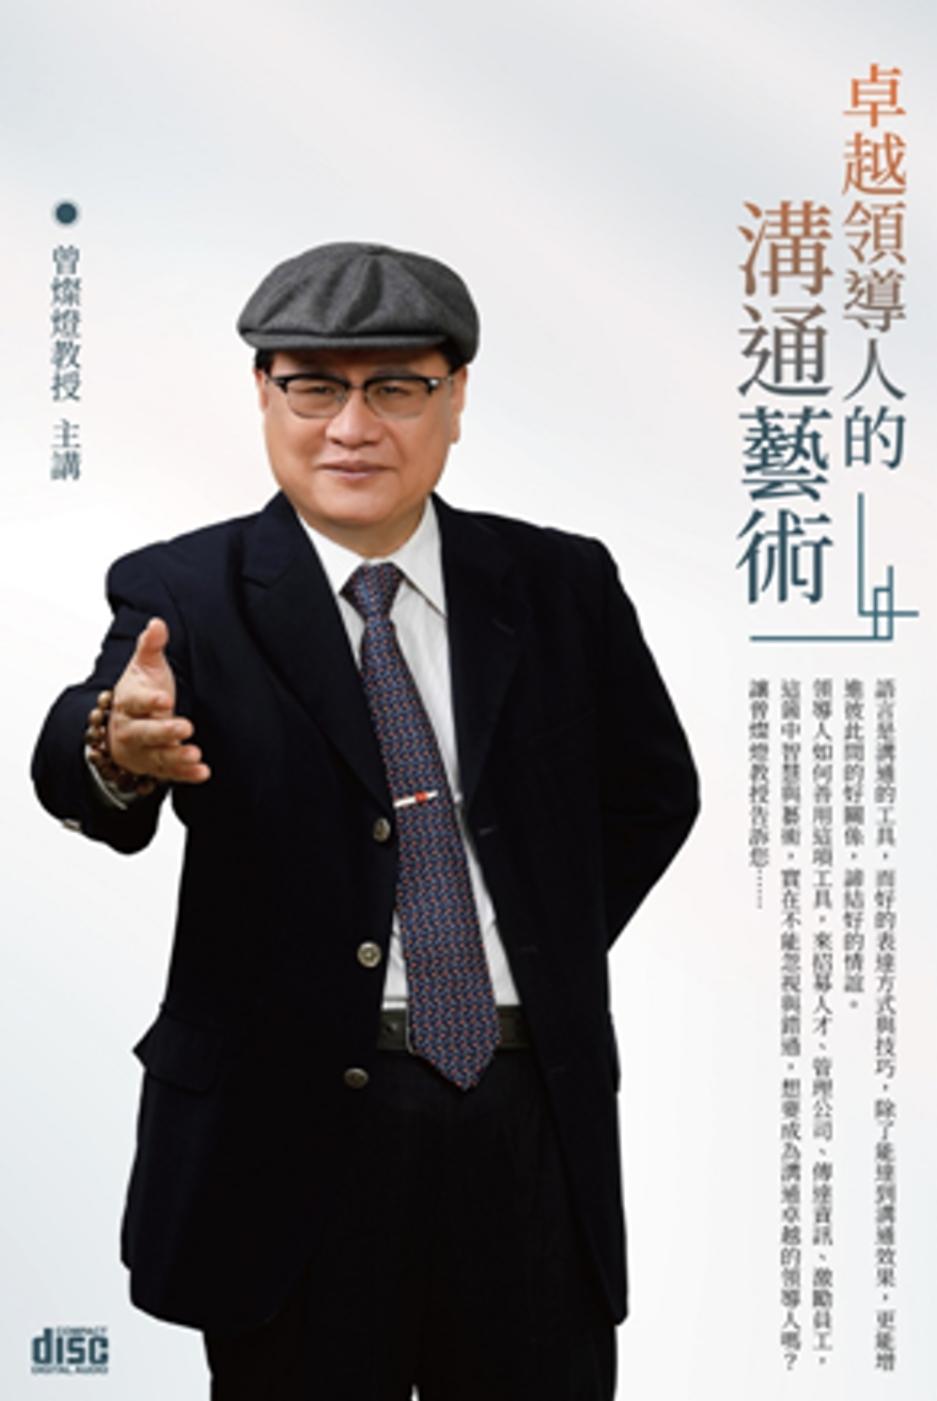 卓越領導人的溝通藝術(2CD)